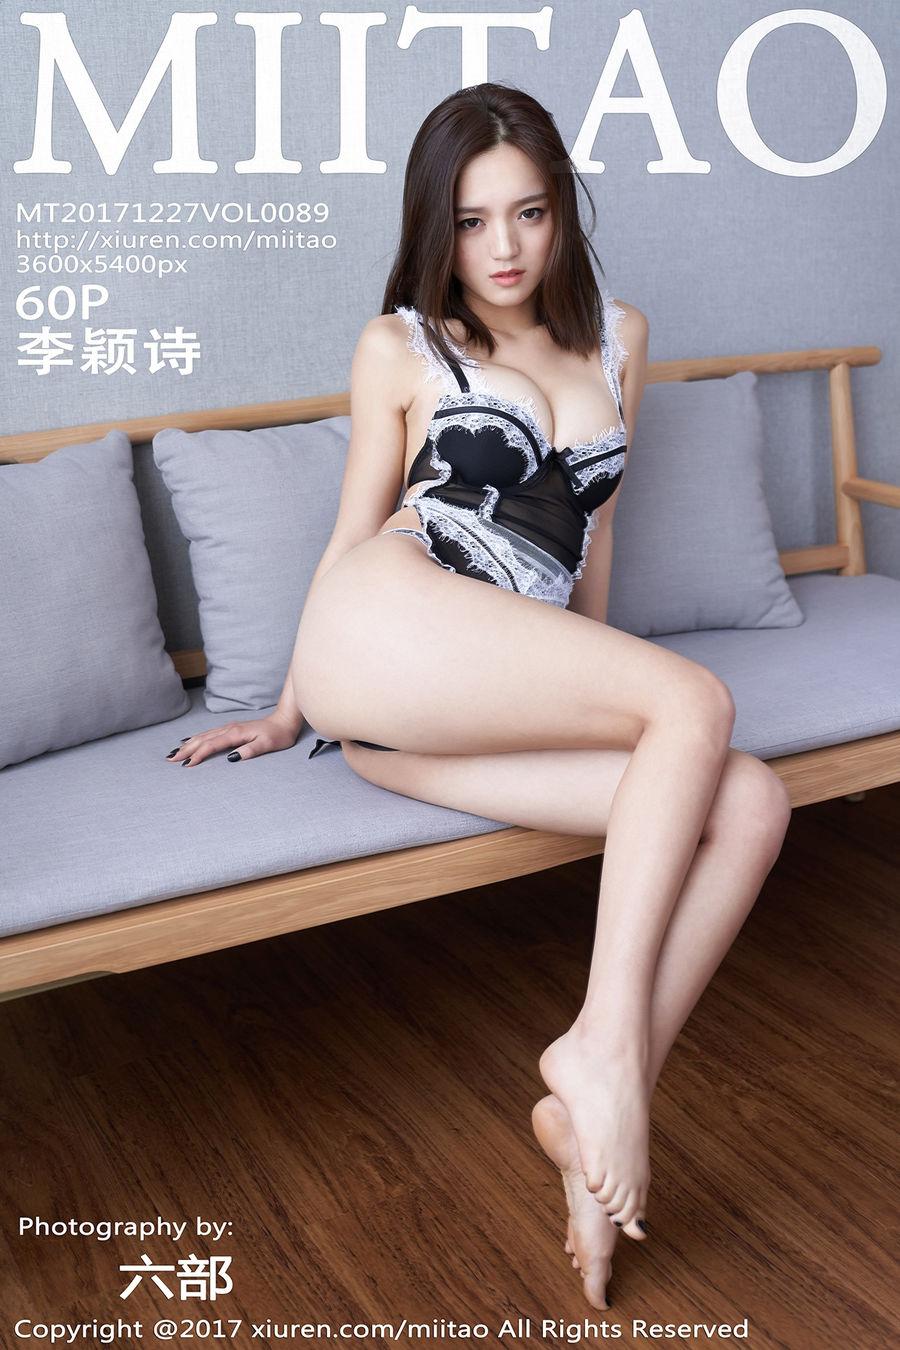 [MiiTao蜜桃社] VOL.089 李颖诗 [60+1P/152M]